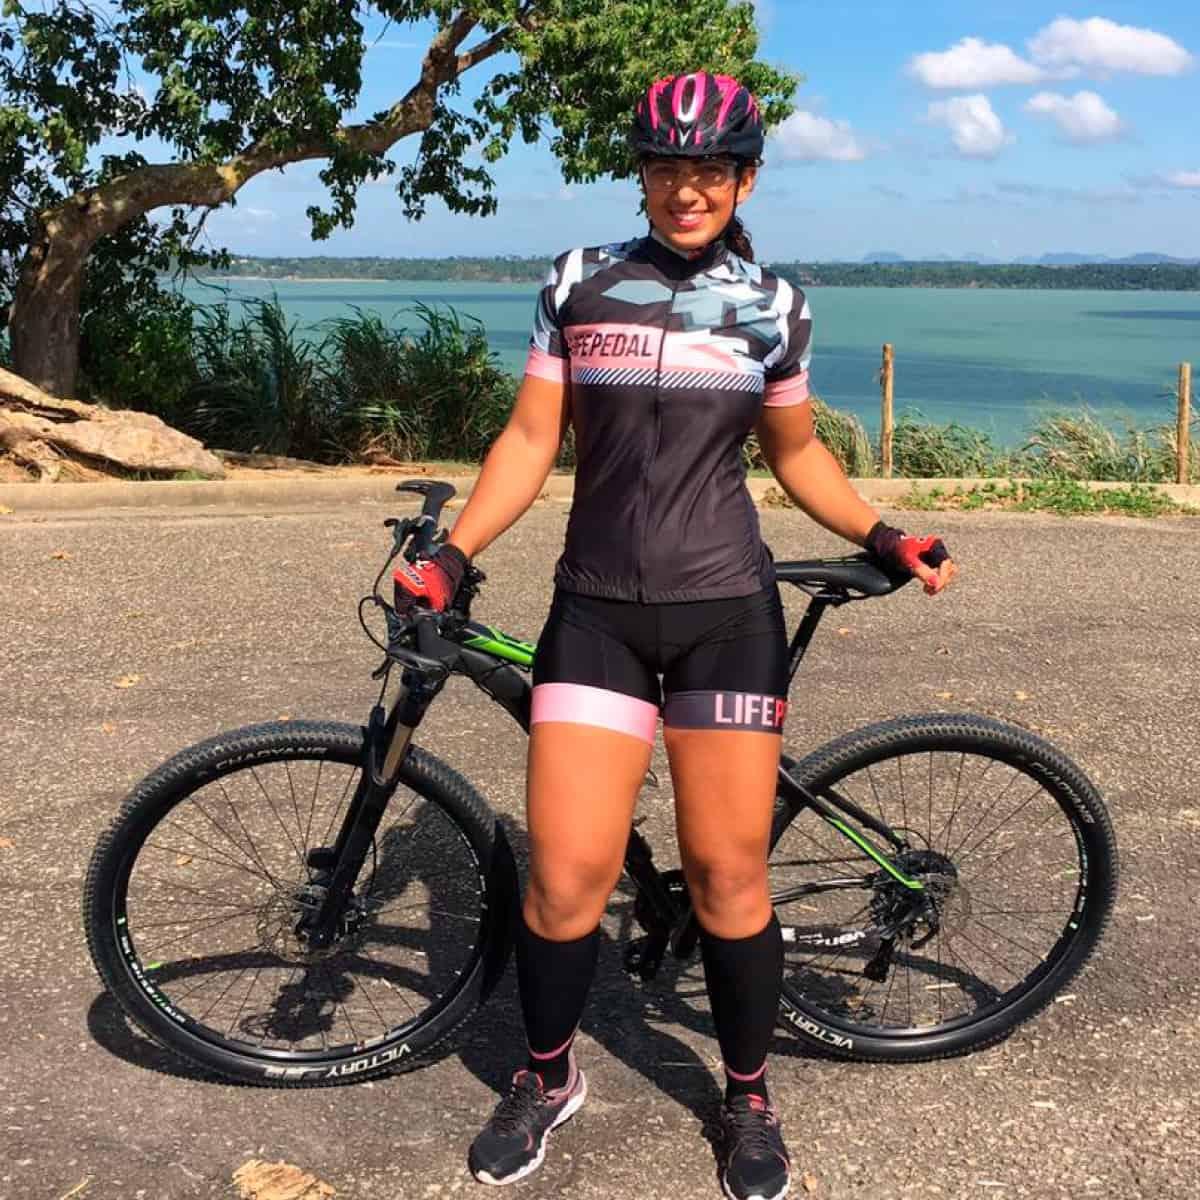 Bermuda Life Pedal Feminina